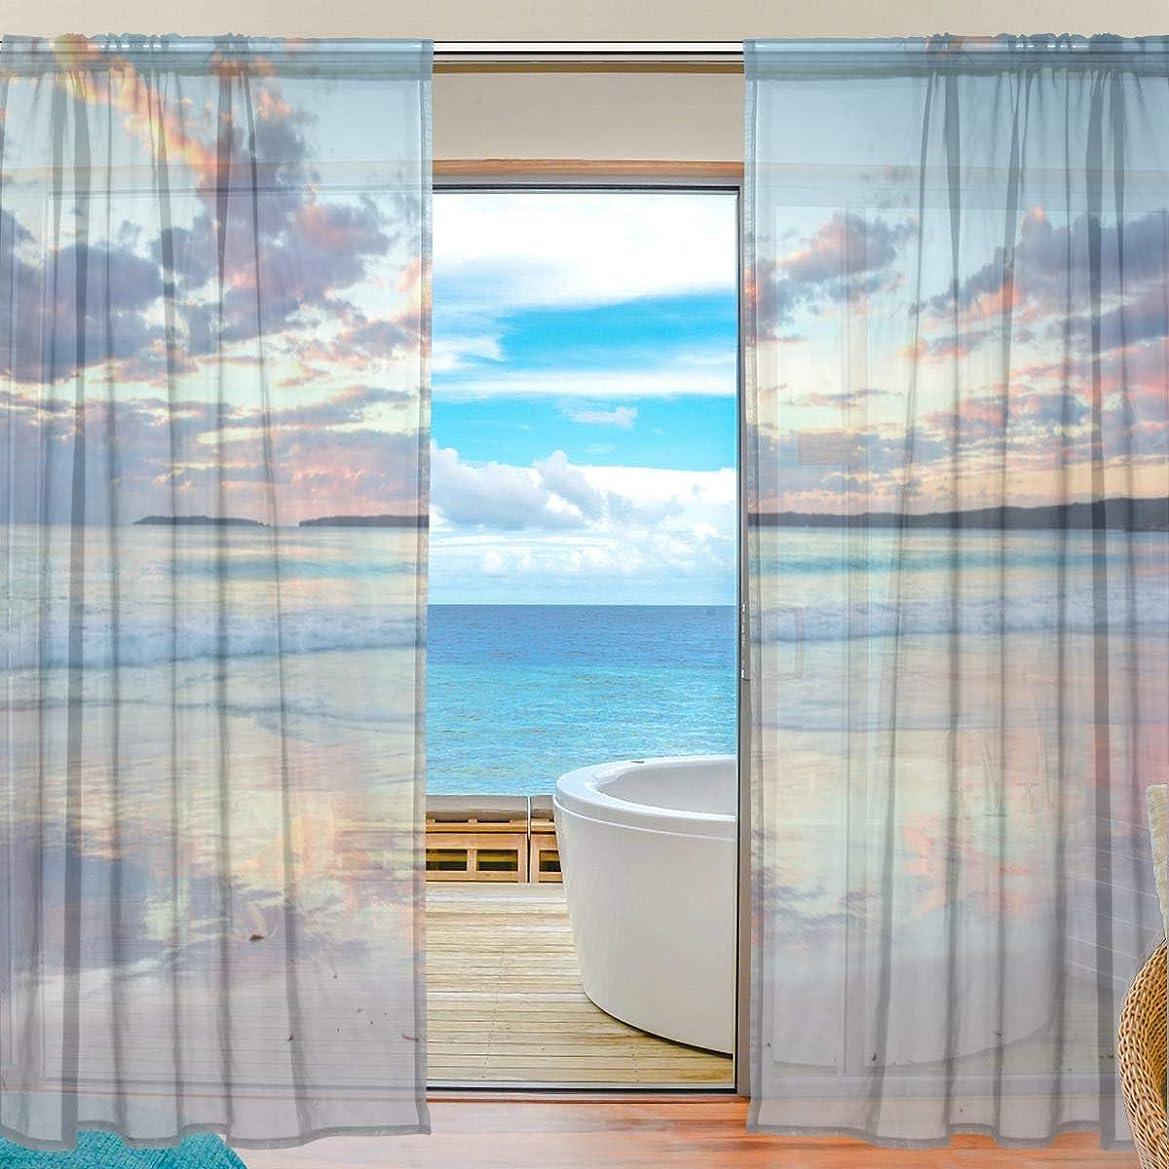 風邪をひくストライプ引き算SAMAU レースカーテン ミラー 遮光 遮熱 おしゃれ uvカット ハワイ 海 空柄 ドアカーテン おしゃれ シェードアカーテン 出窓 洗える 目隠し 幅140cm×丈200cm 2枚組